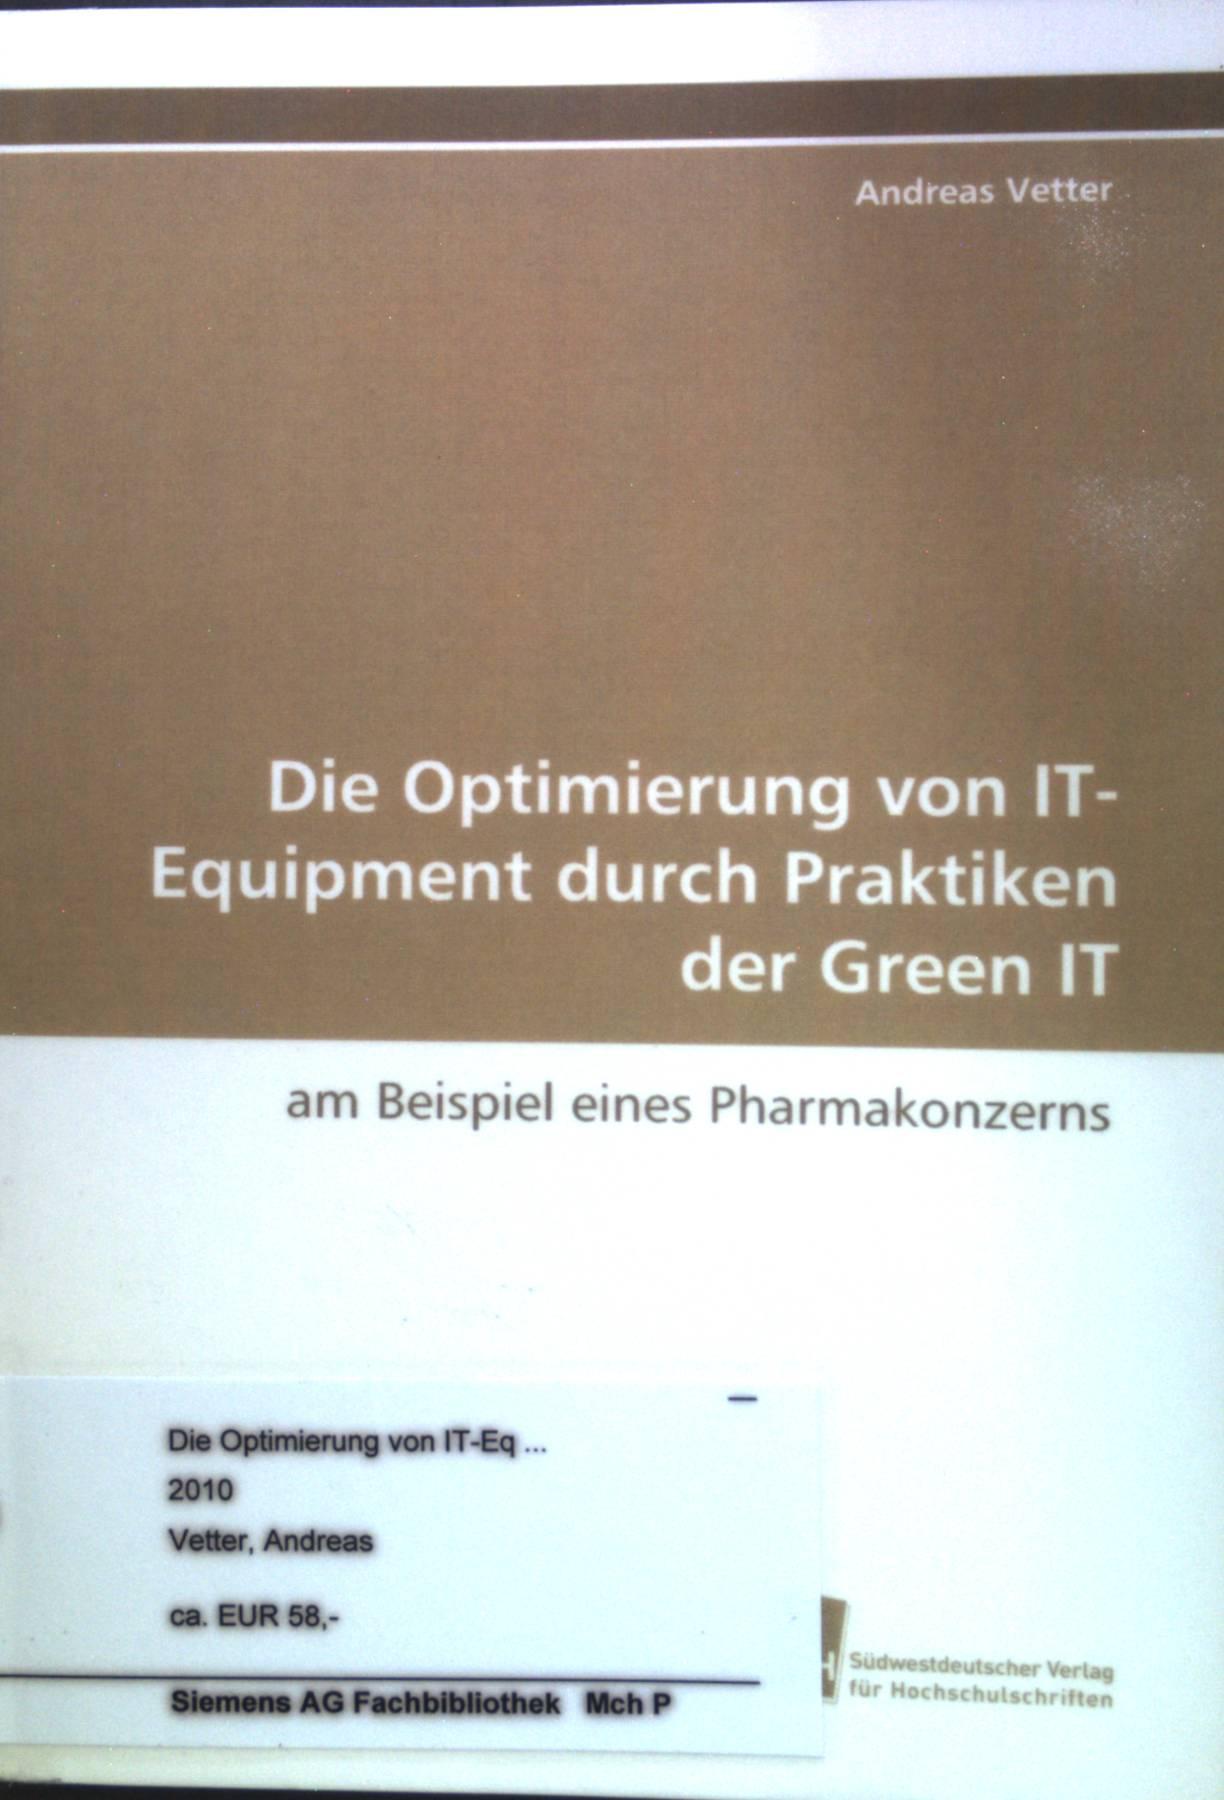 Die Optimierung von IT-Equipment durch Praktiken der Green IT : am Beispiel eines Pharmakonzerns. - Vetter, Andreas